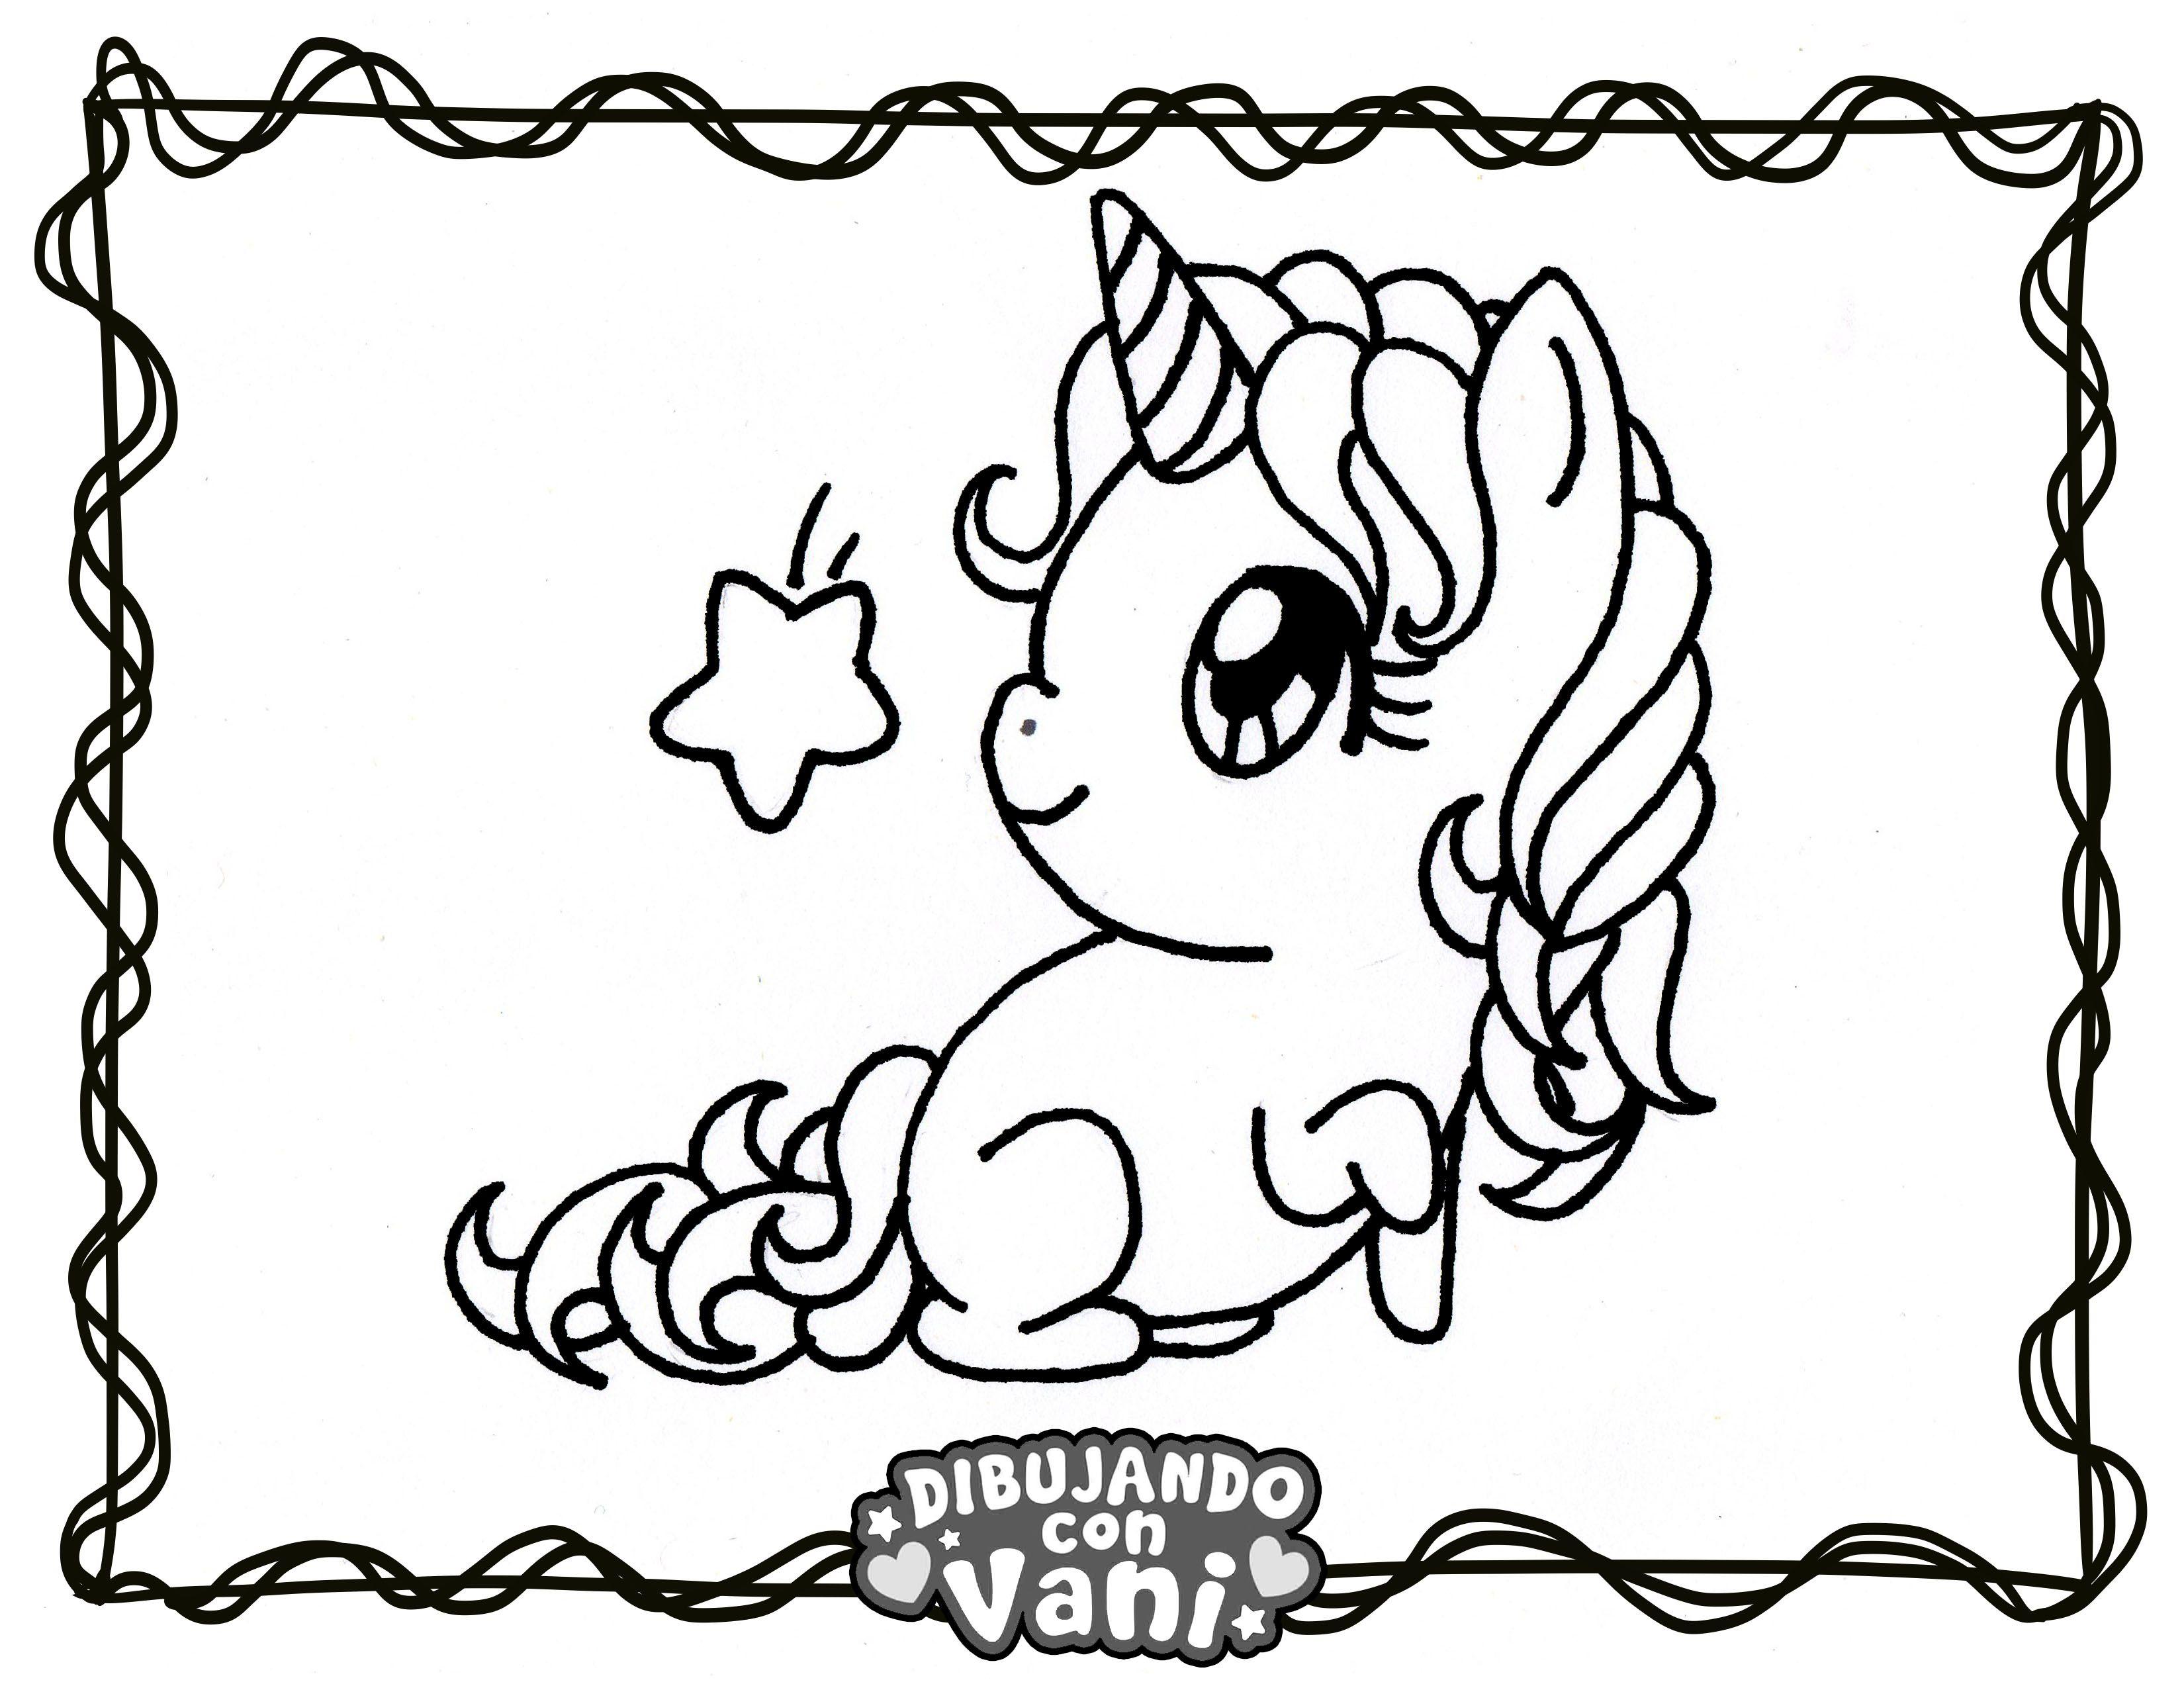 Es Bonito Con Imagenes Dibujos Dibujos De Anime Dibujos Faciles